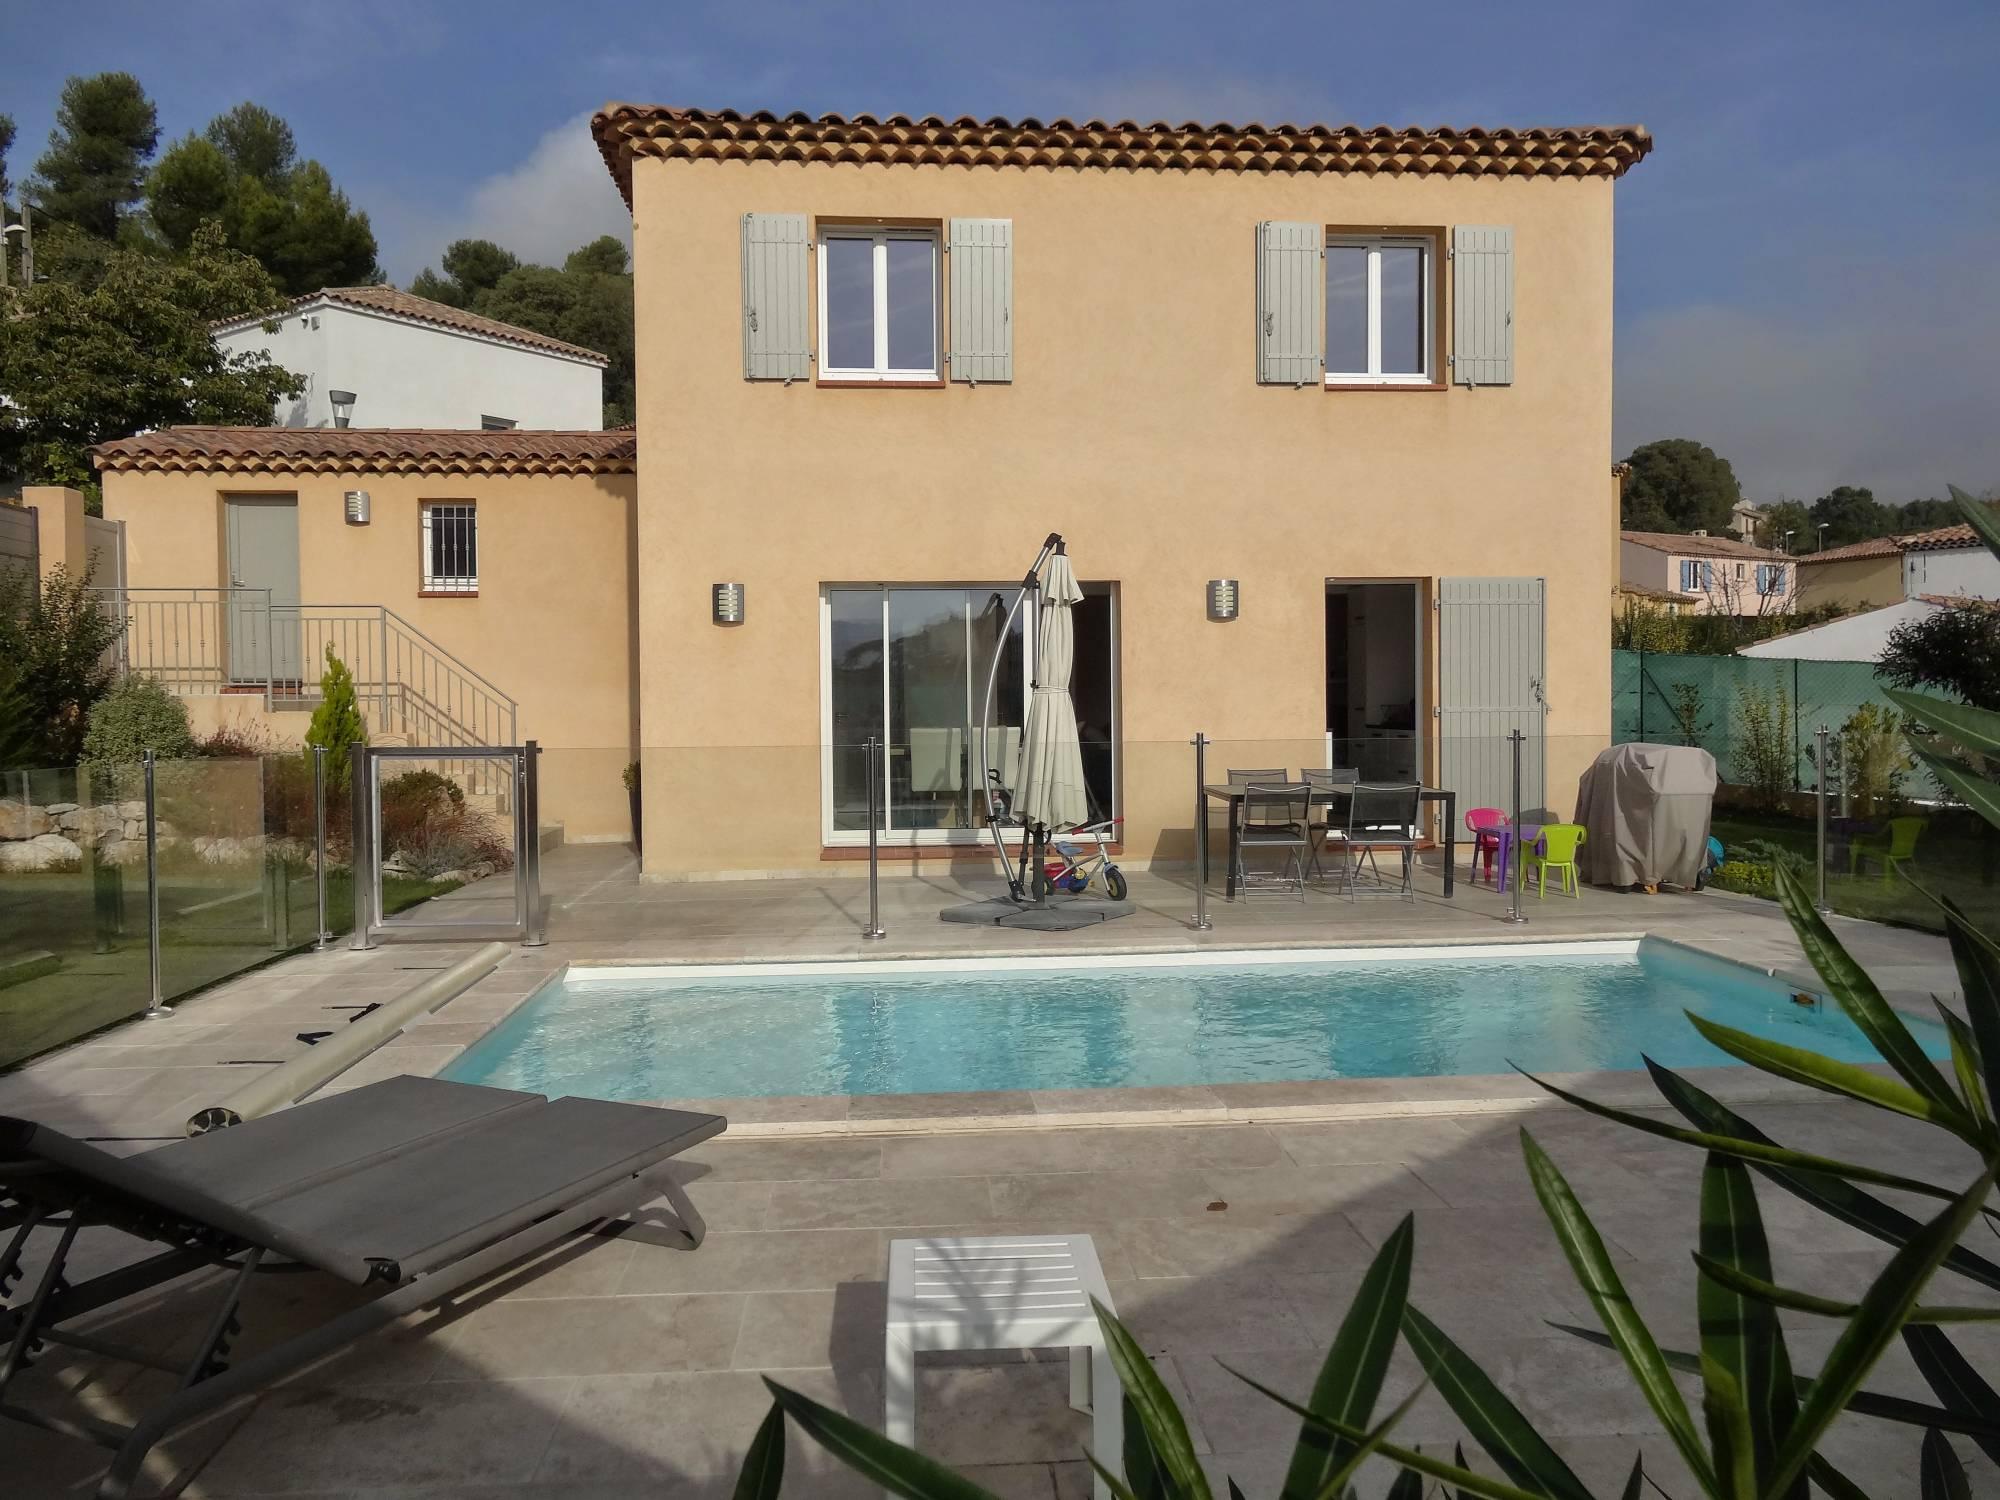 Location marseille 13011 les accates maison 4 pi ces avec jardin et terrasse agence - Terrasse et jardin marseille ...